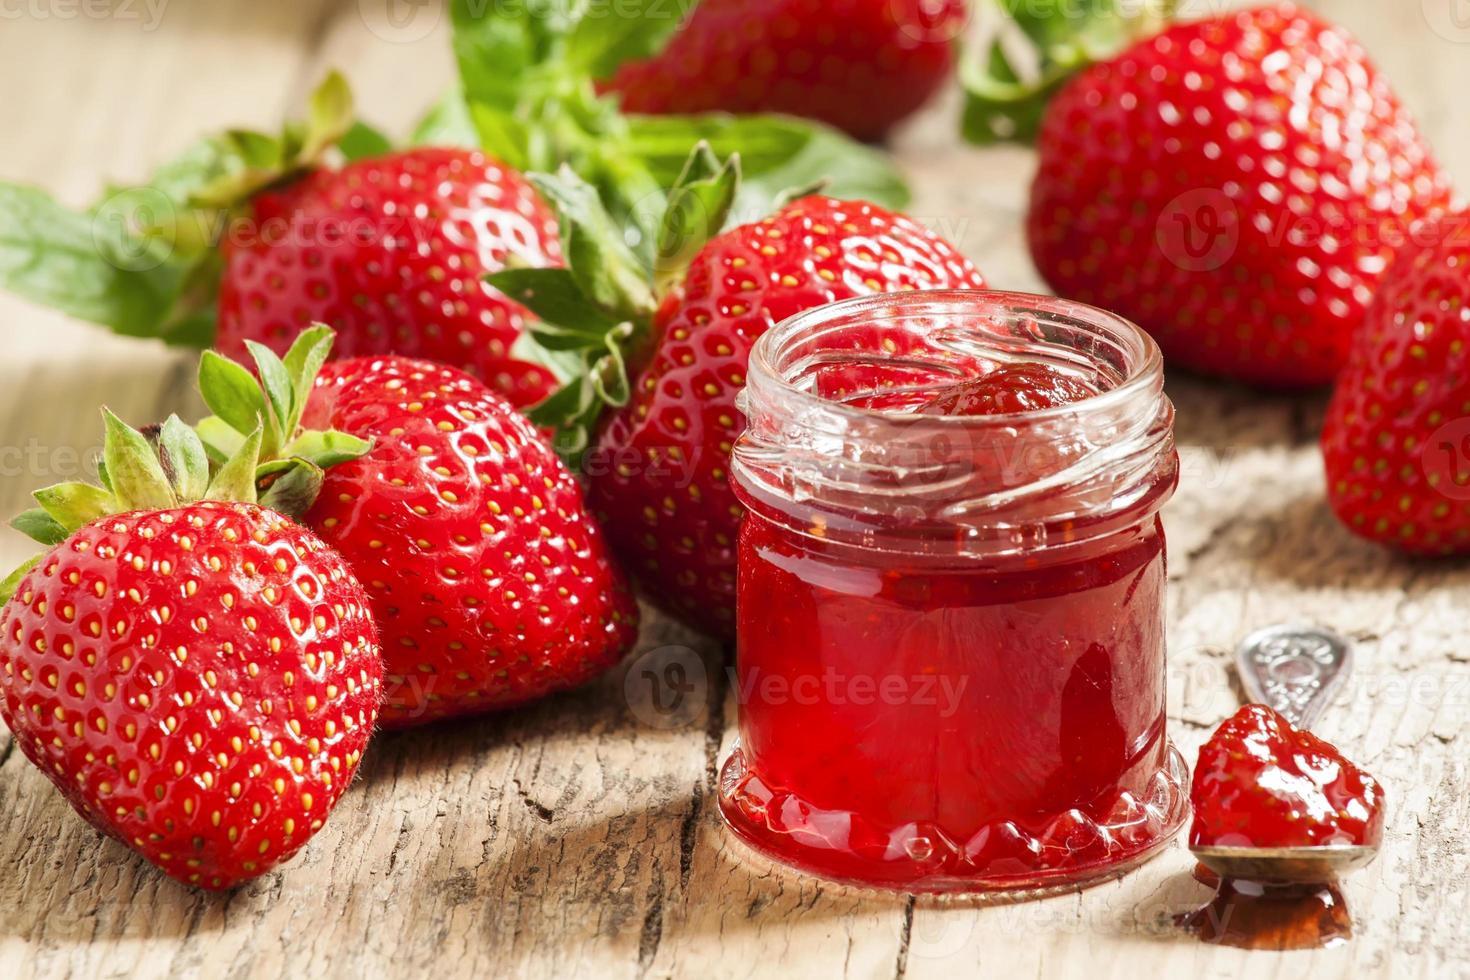 confiture de fraises maison avec des baies dans de petits pots, sélectionnez photo